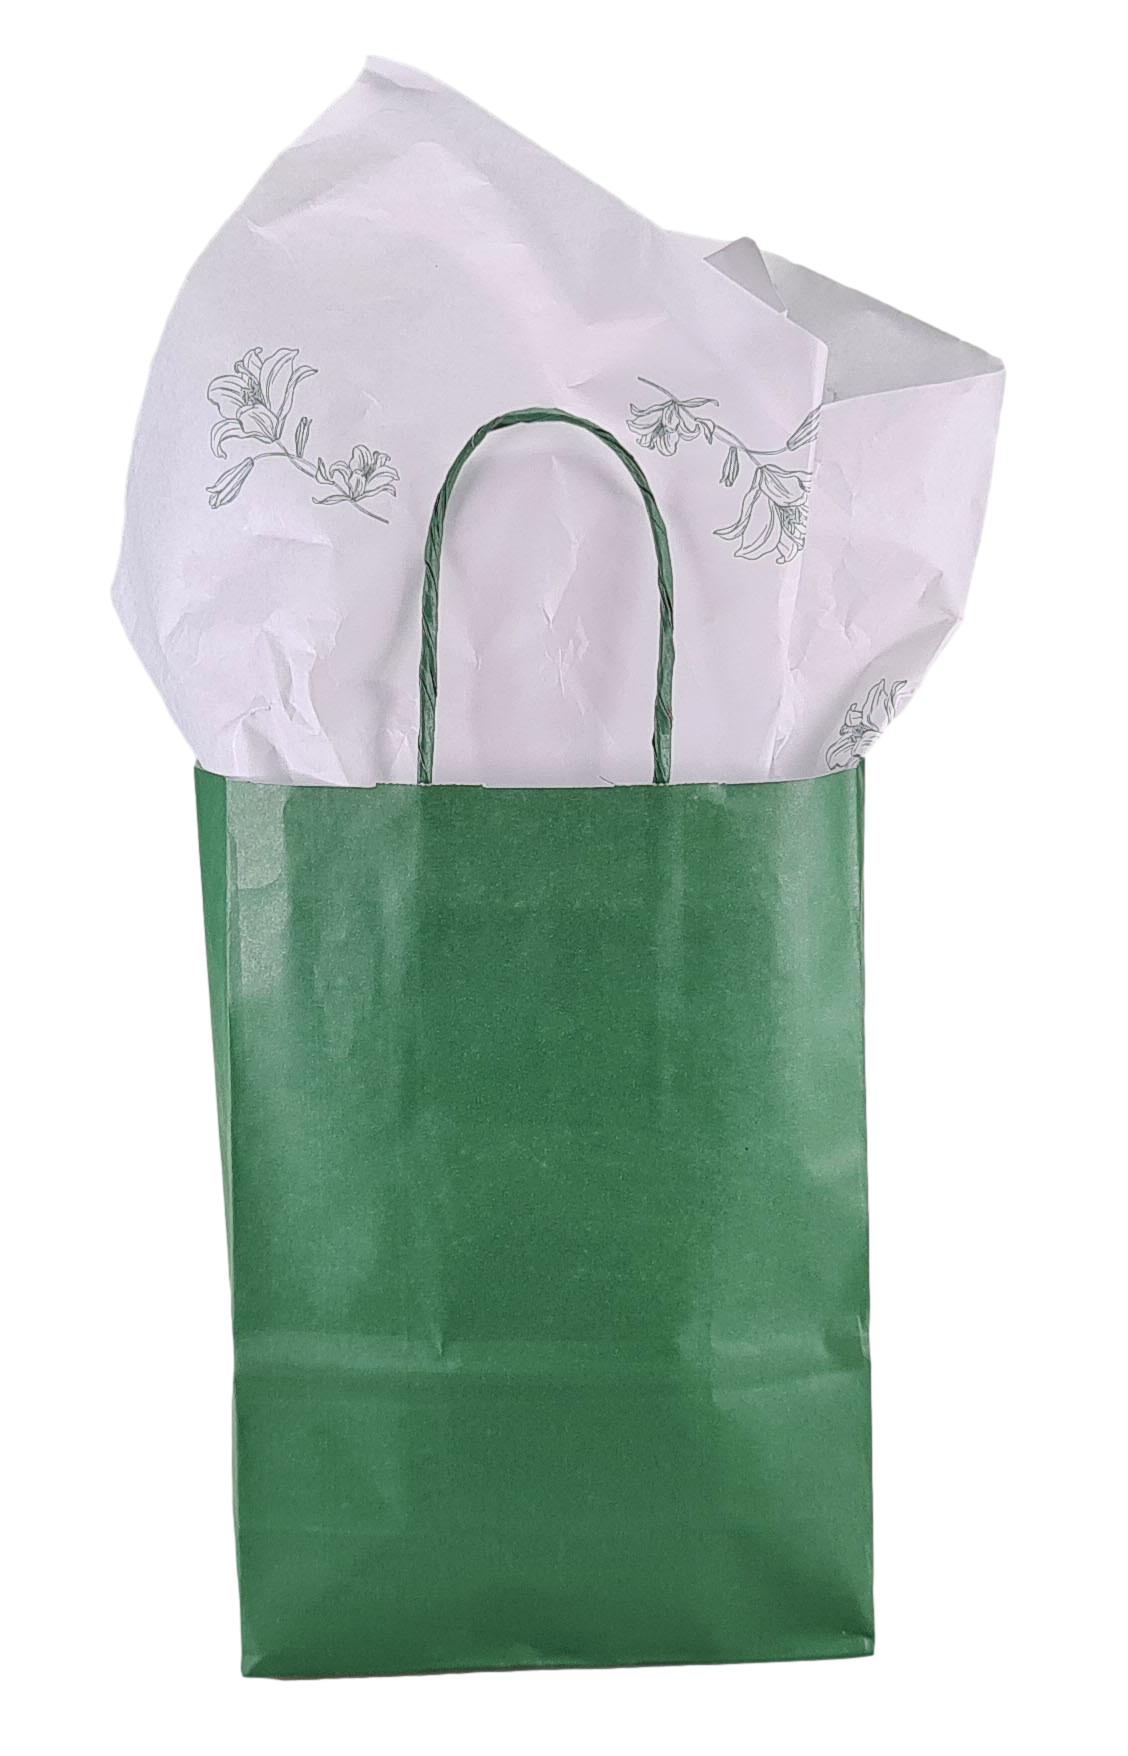 Papel de Seda Personalizado 20g/m - Tamanho 50 x 70  - Linha paper 1134  - Litex Embalagens